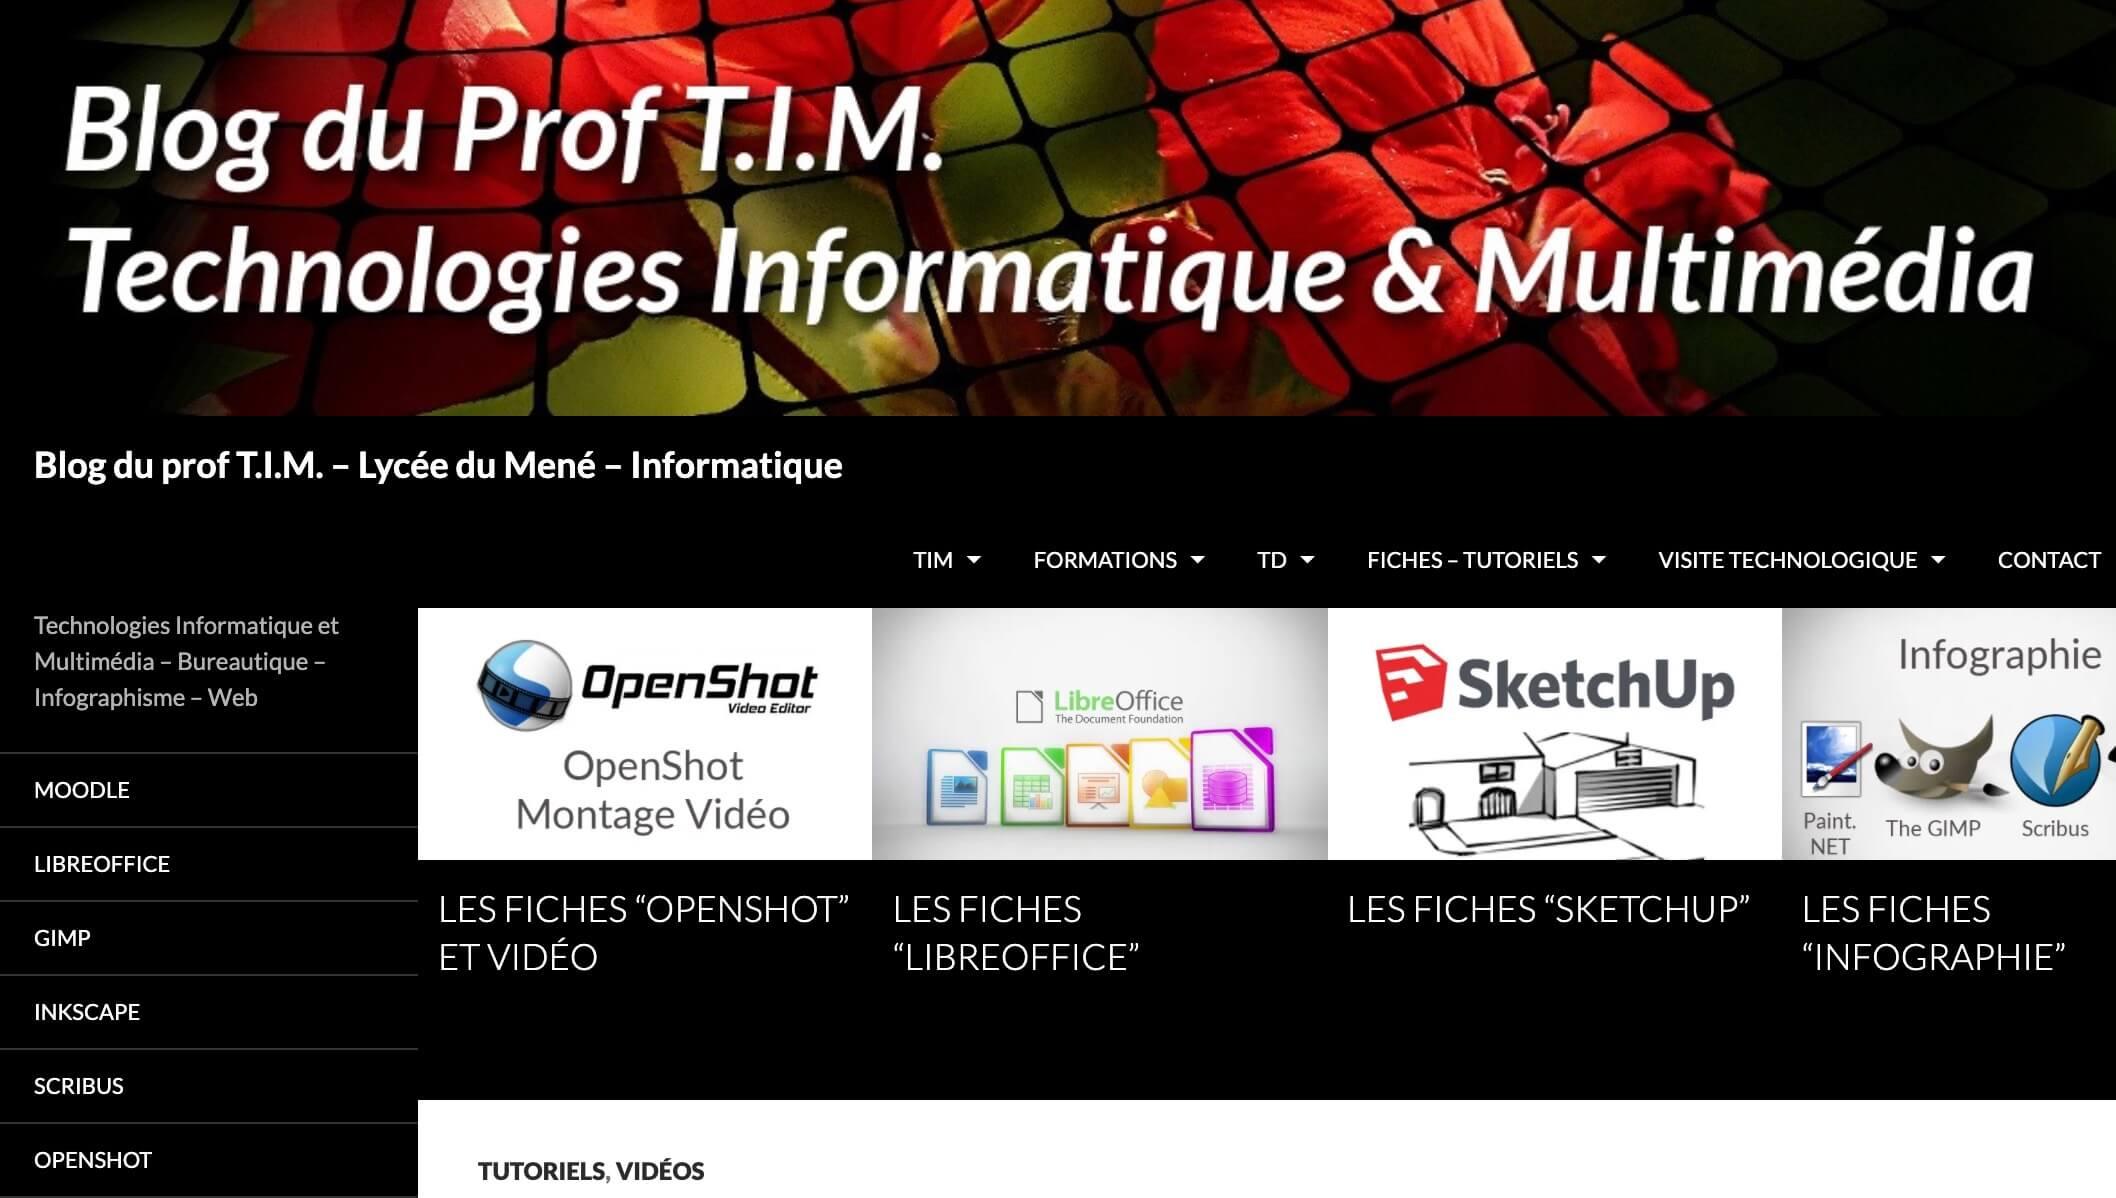 Le blog du Prof TIM